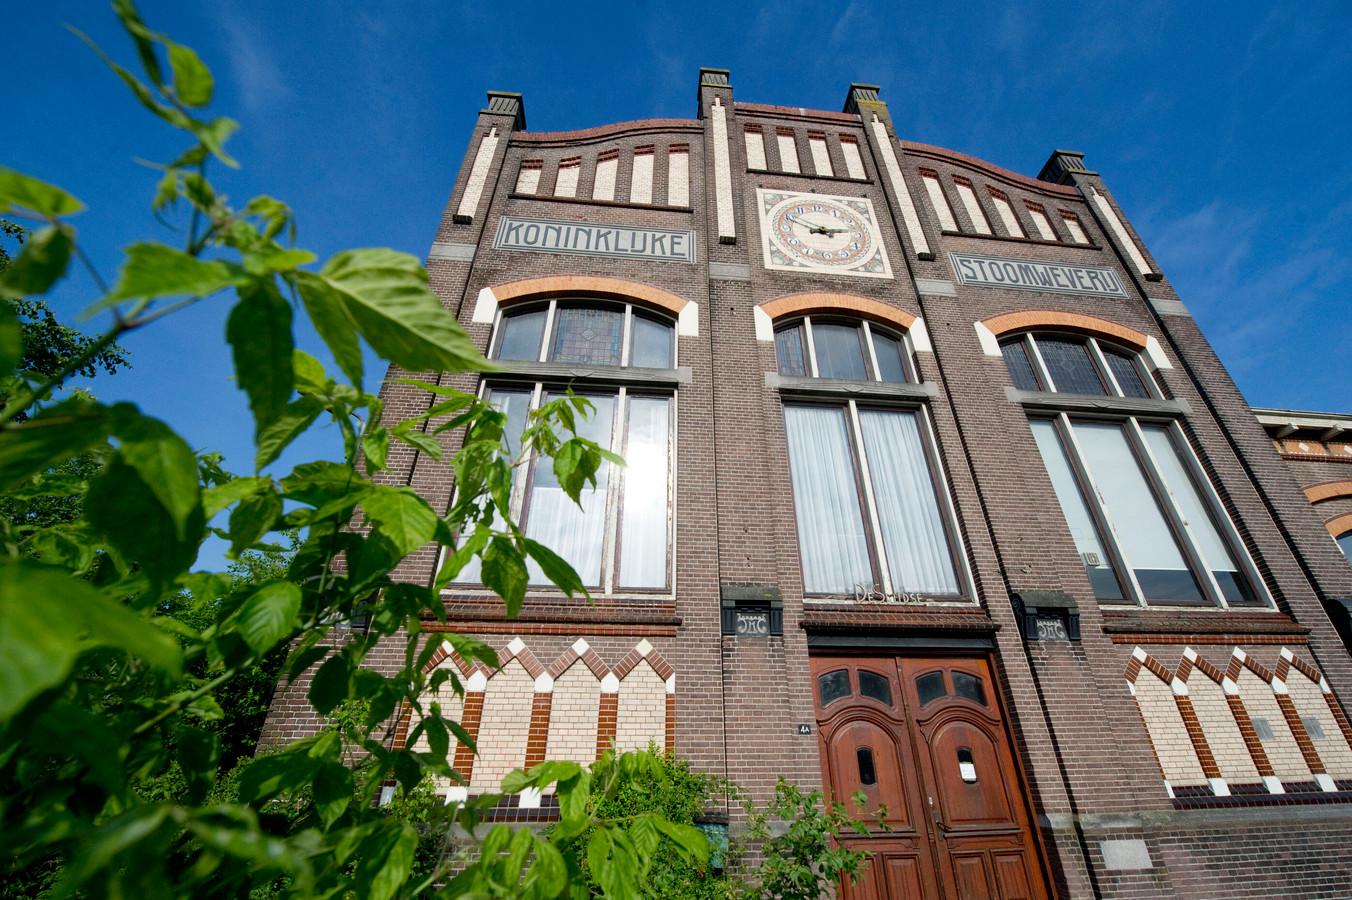 Rijksmonument De Smidse in Nijverdal was donderdagavond uitgebreid te zien op NPO 1 als decor van de Avondetappe met voormalige prof-wielrenner Rob Harmeling als hoofdgast.